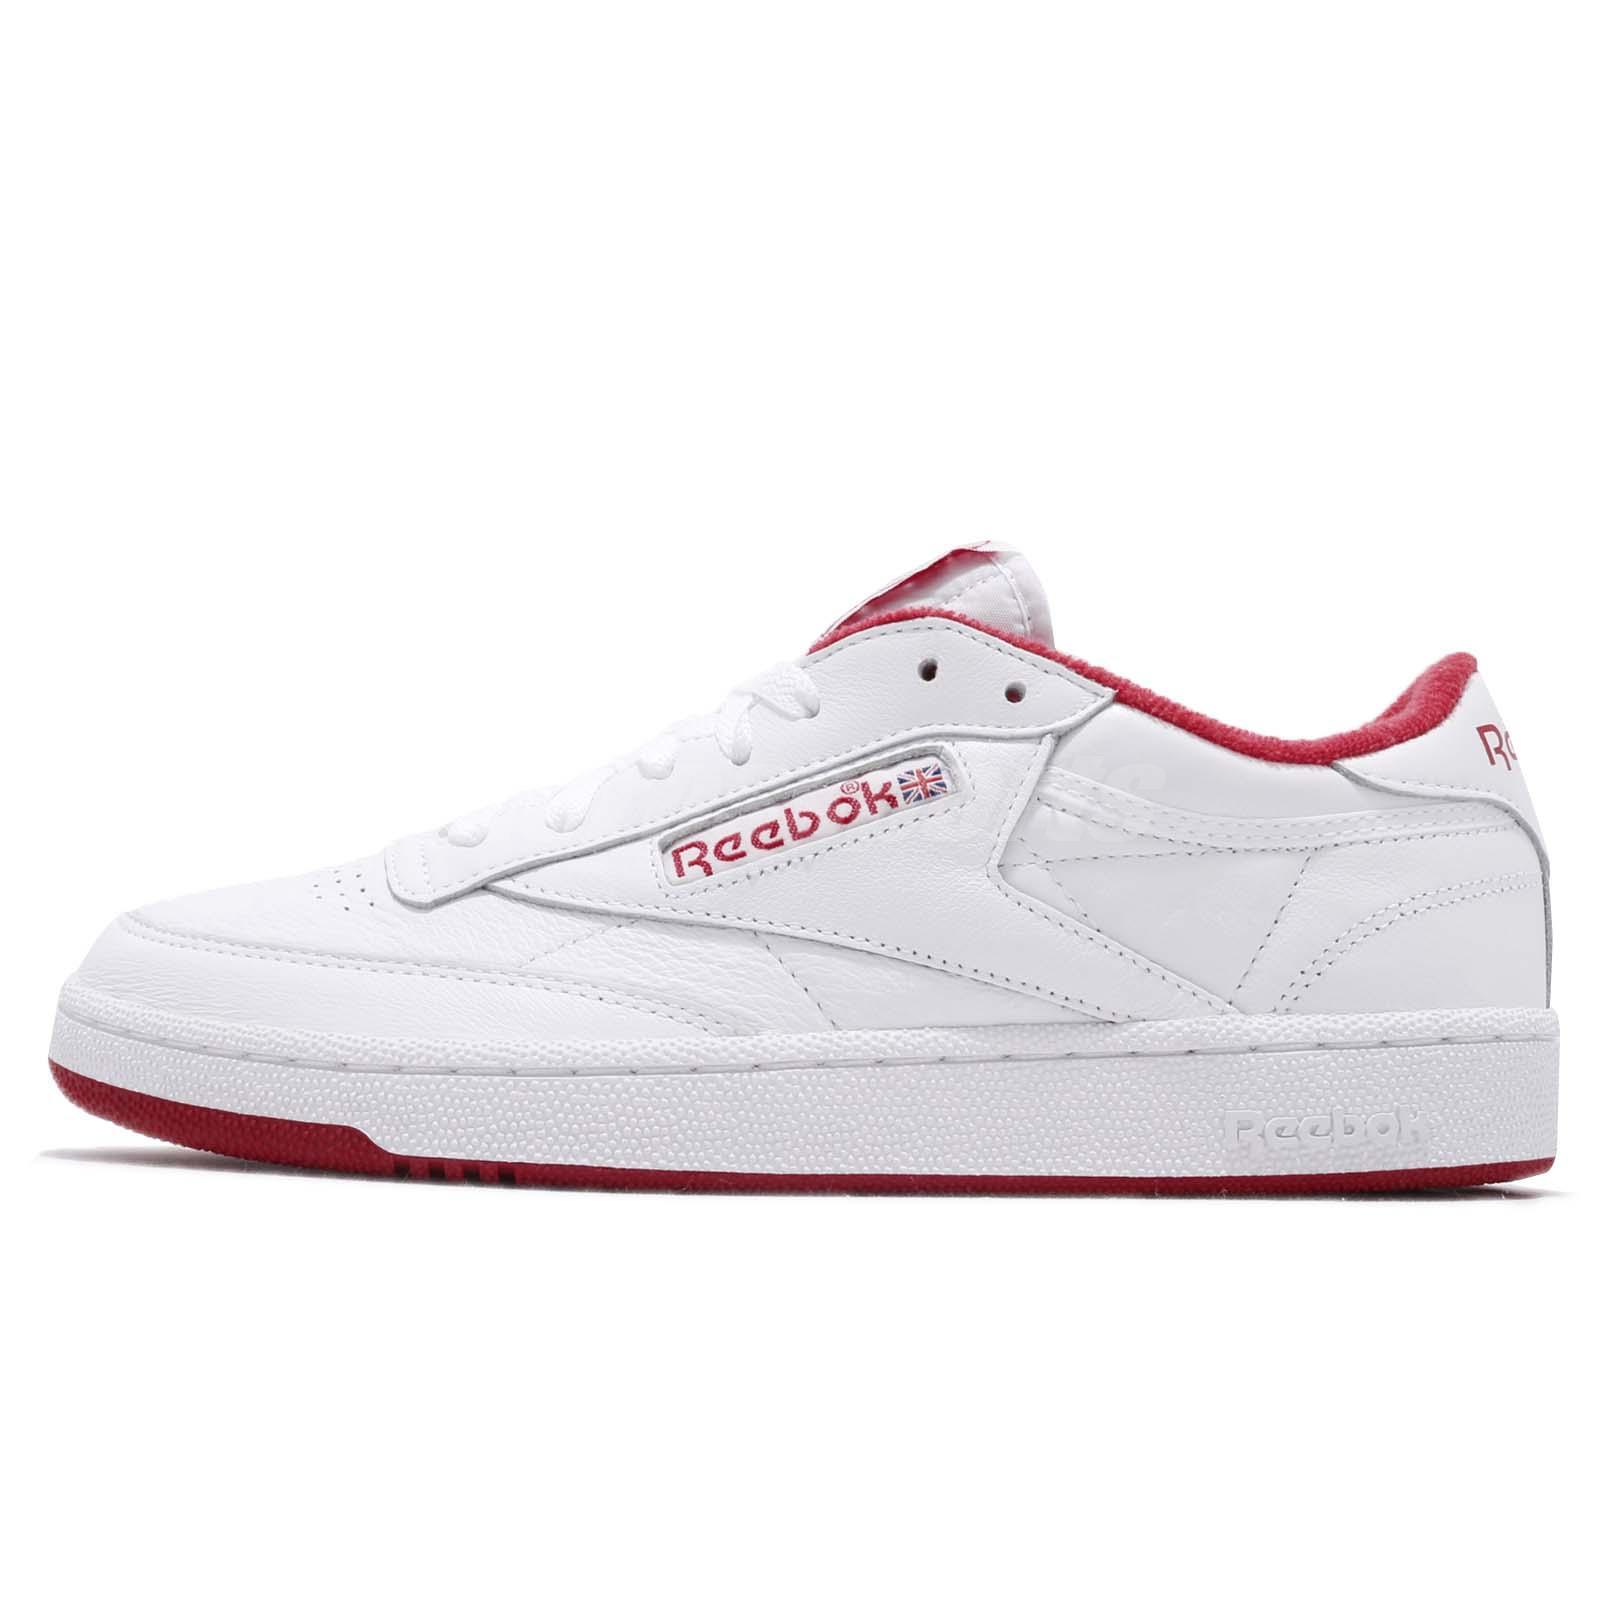 042717d1d7da Reebok Club C 85 MU Archive White Red Men Casual Classic Shoes Sneakers  CN3711